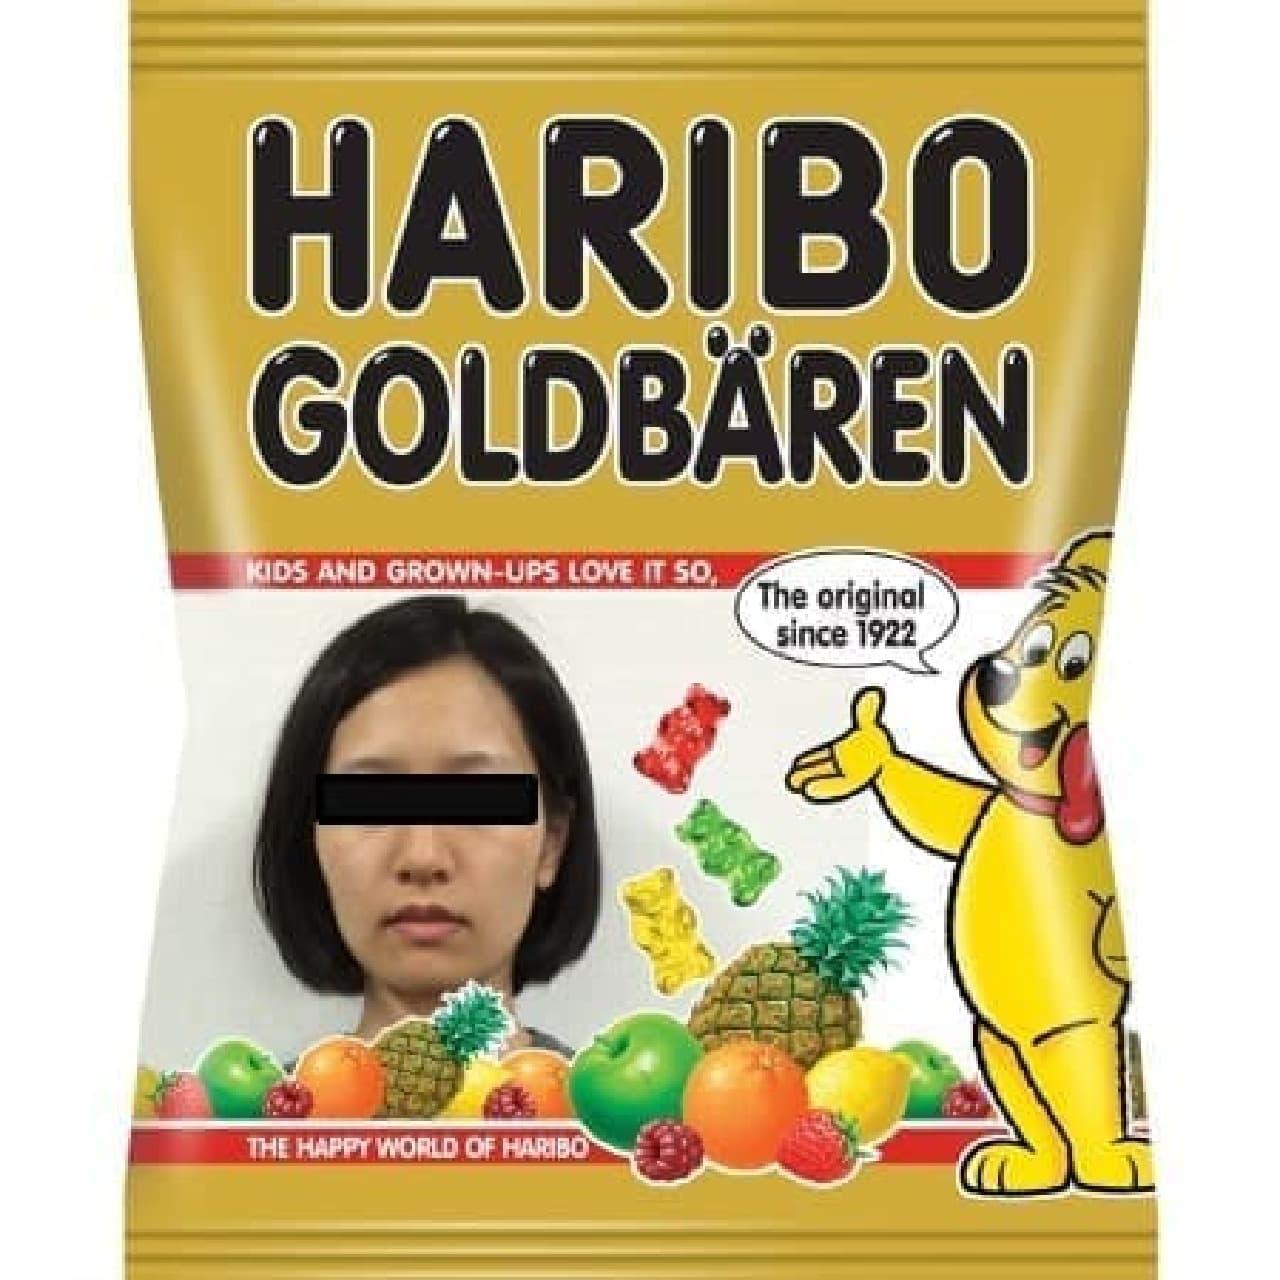 「HARIBO(ハリボー)」のフォトフレーム ゴールドベア